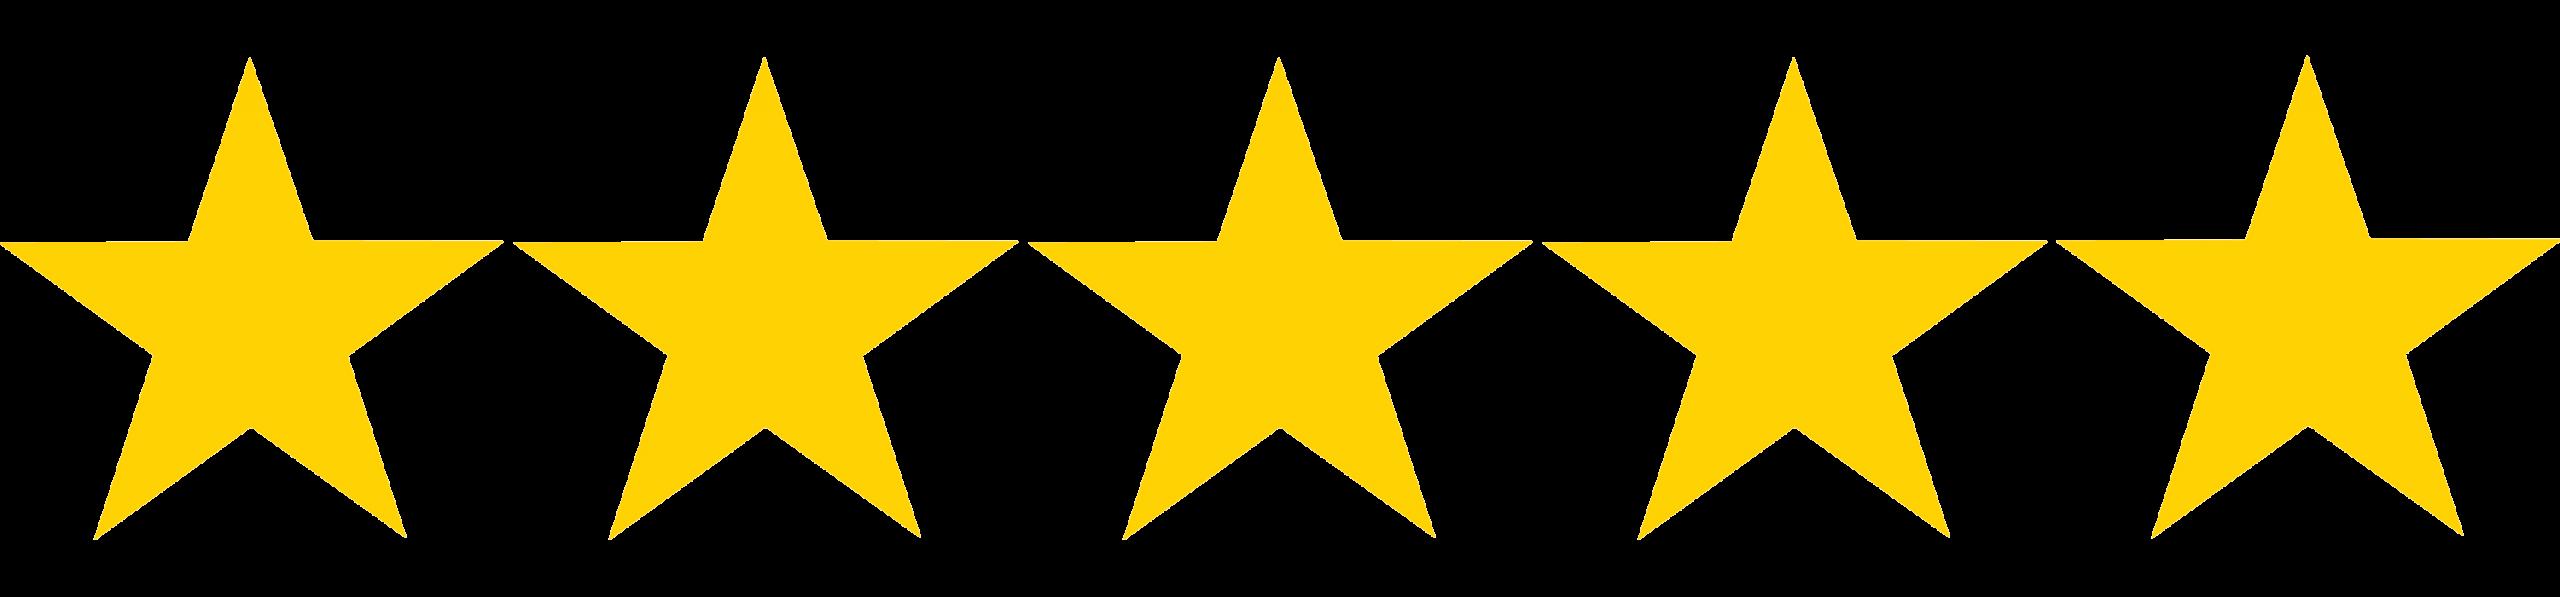 LeVenue 5 star